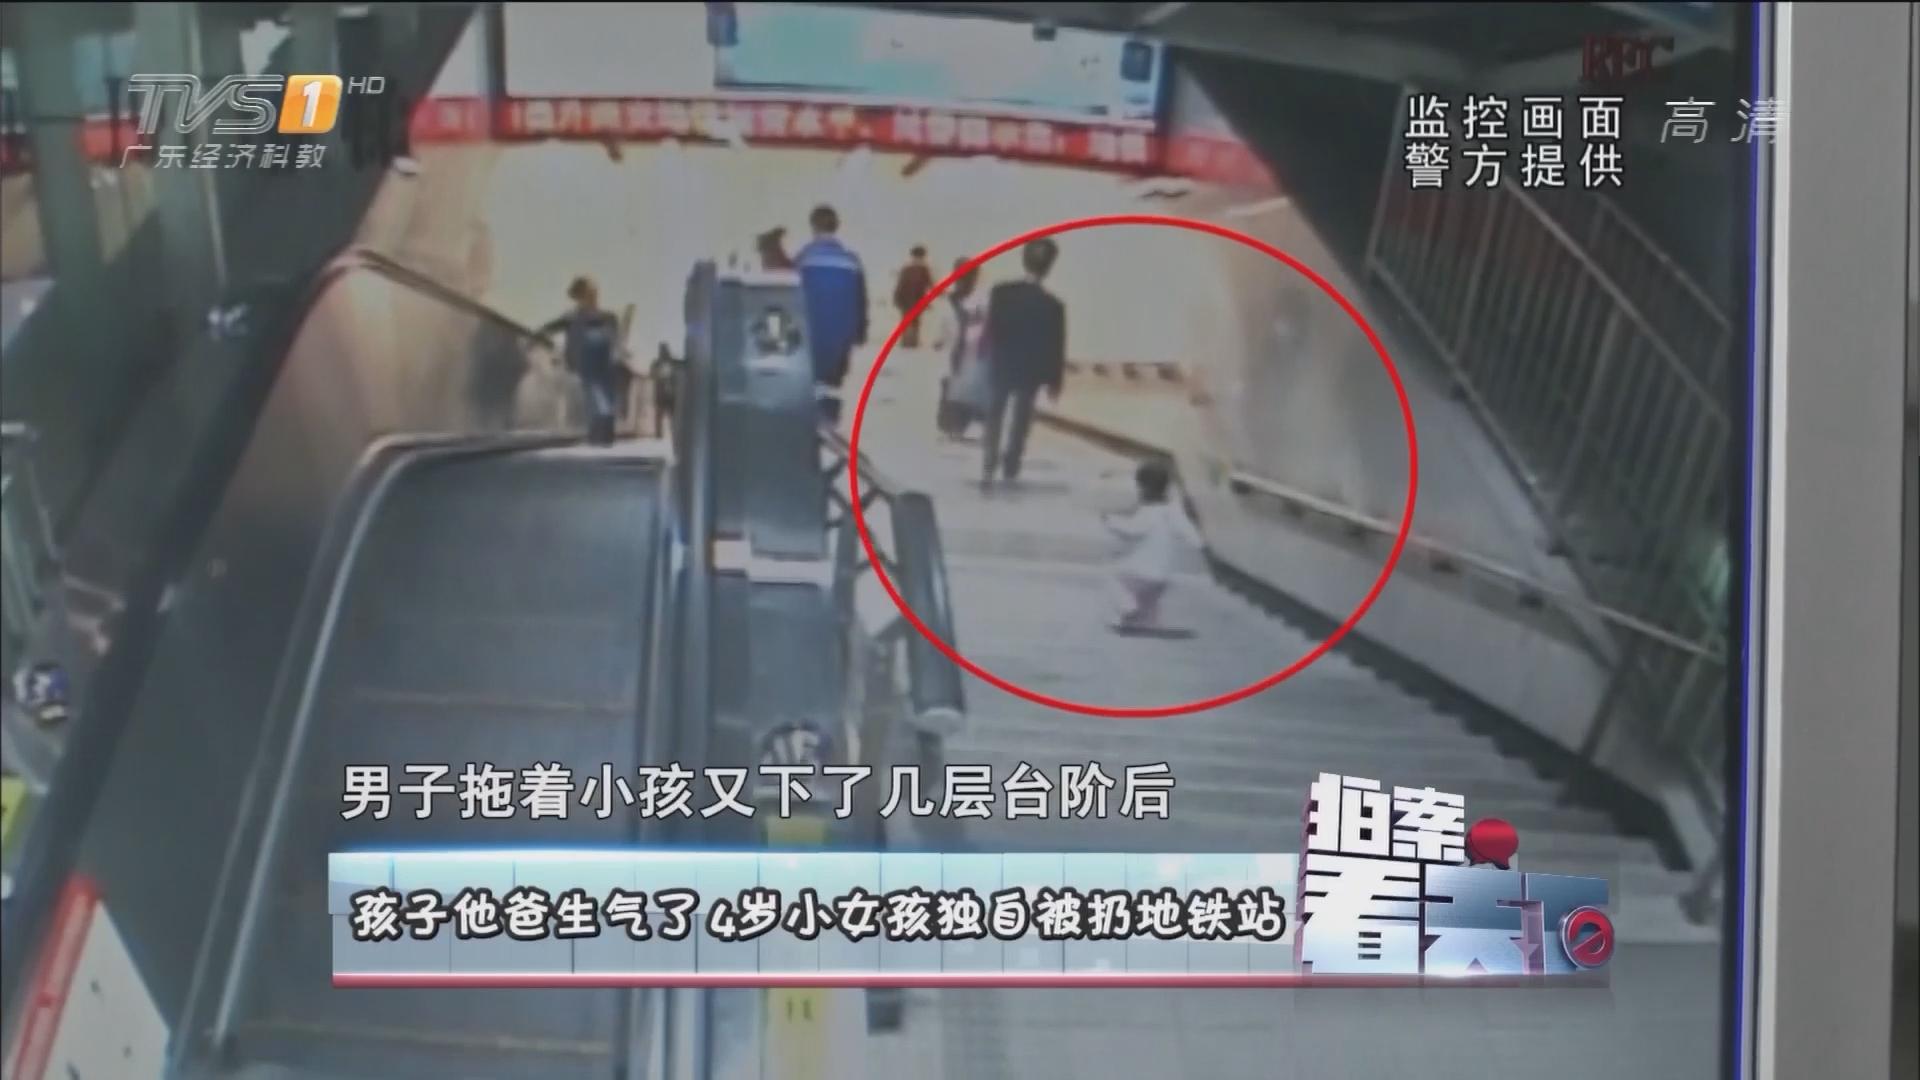 孩子他爸生气了 4岁小女孩独自被扔地铁站